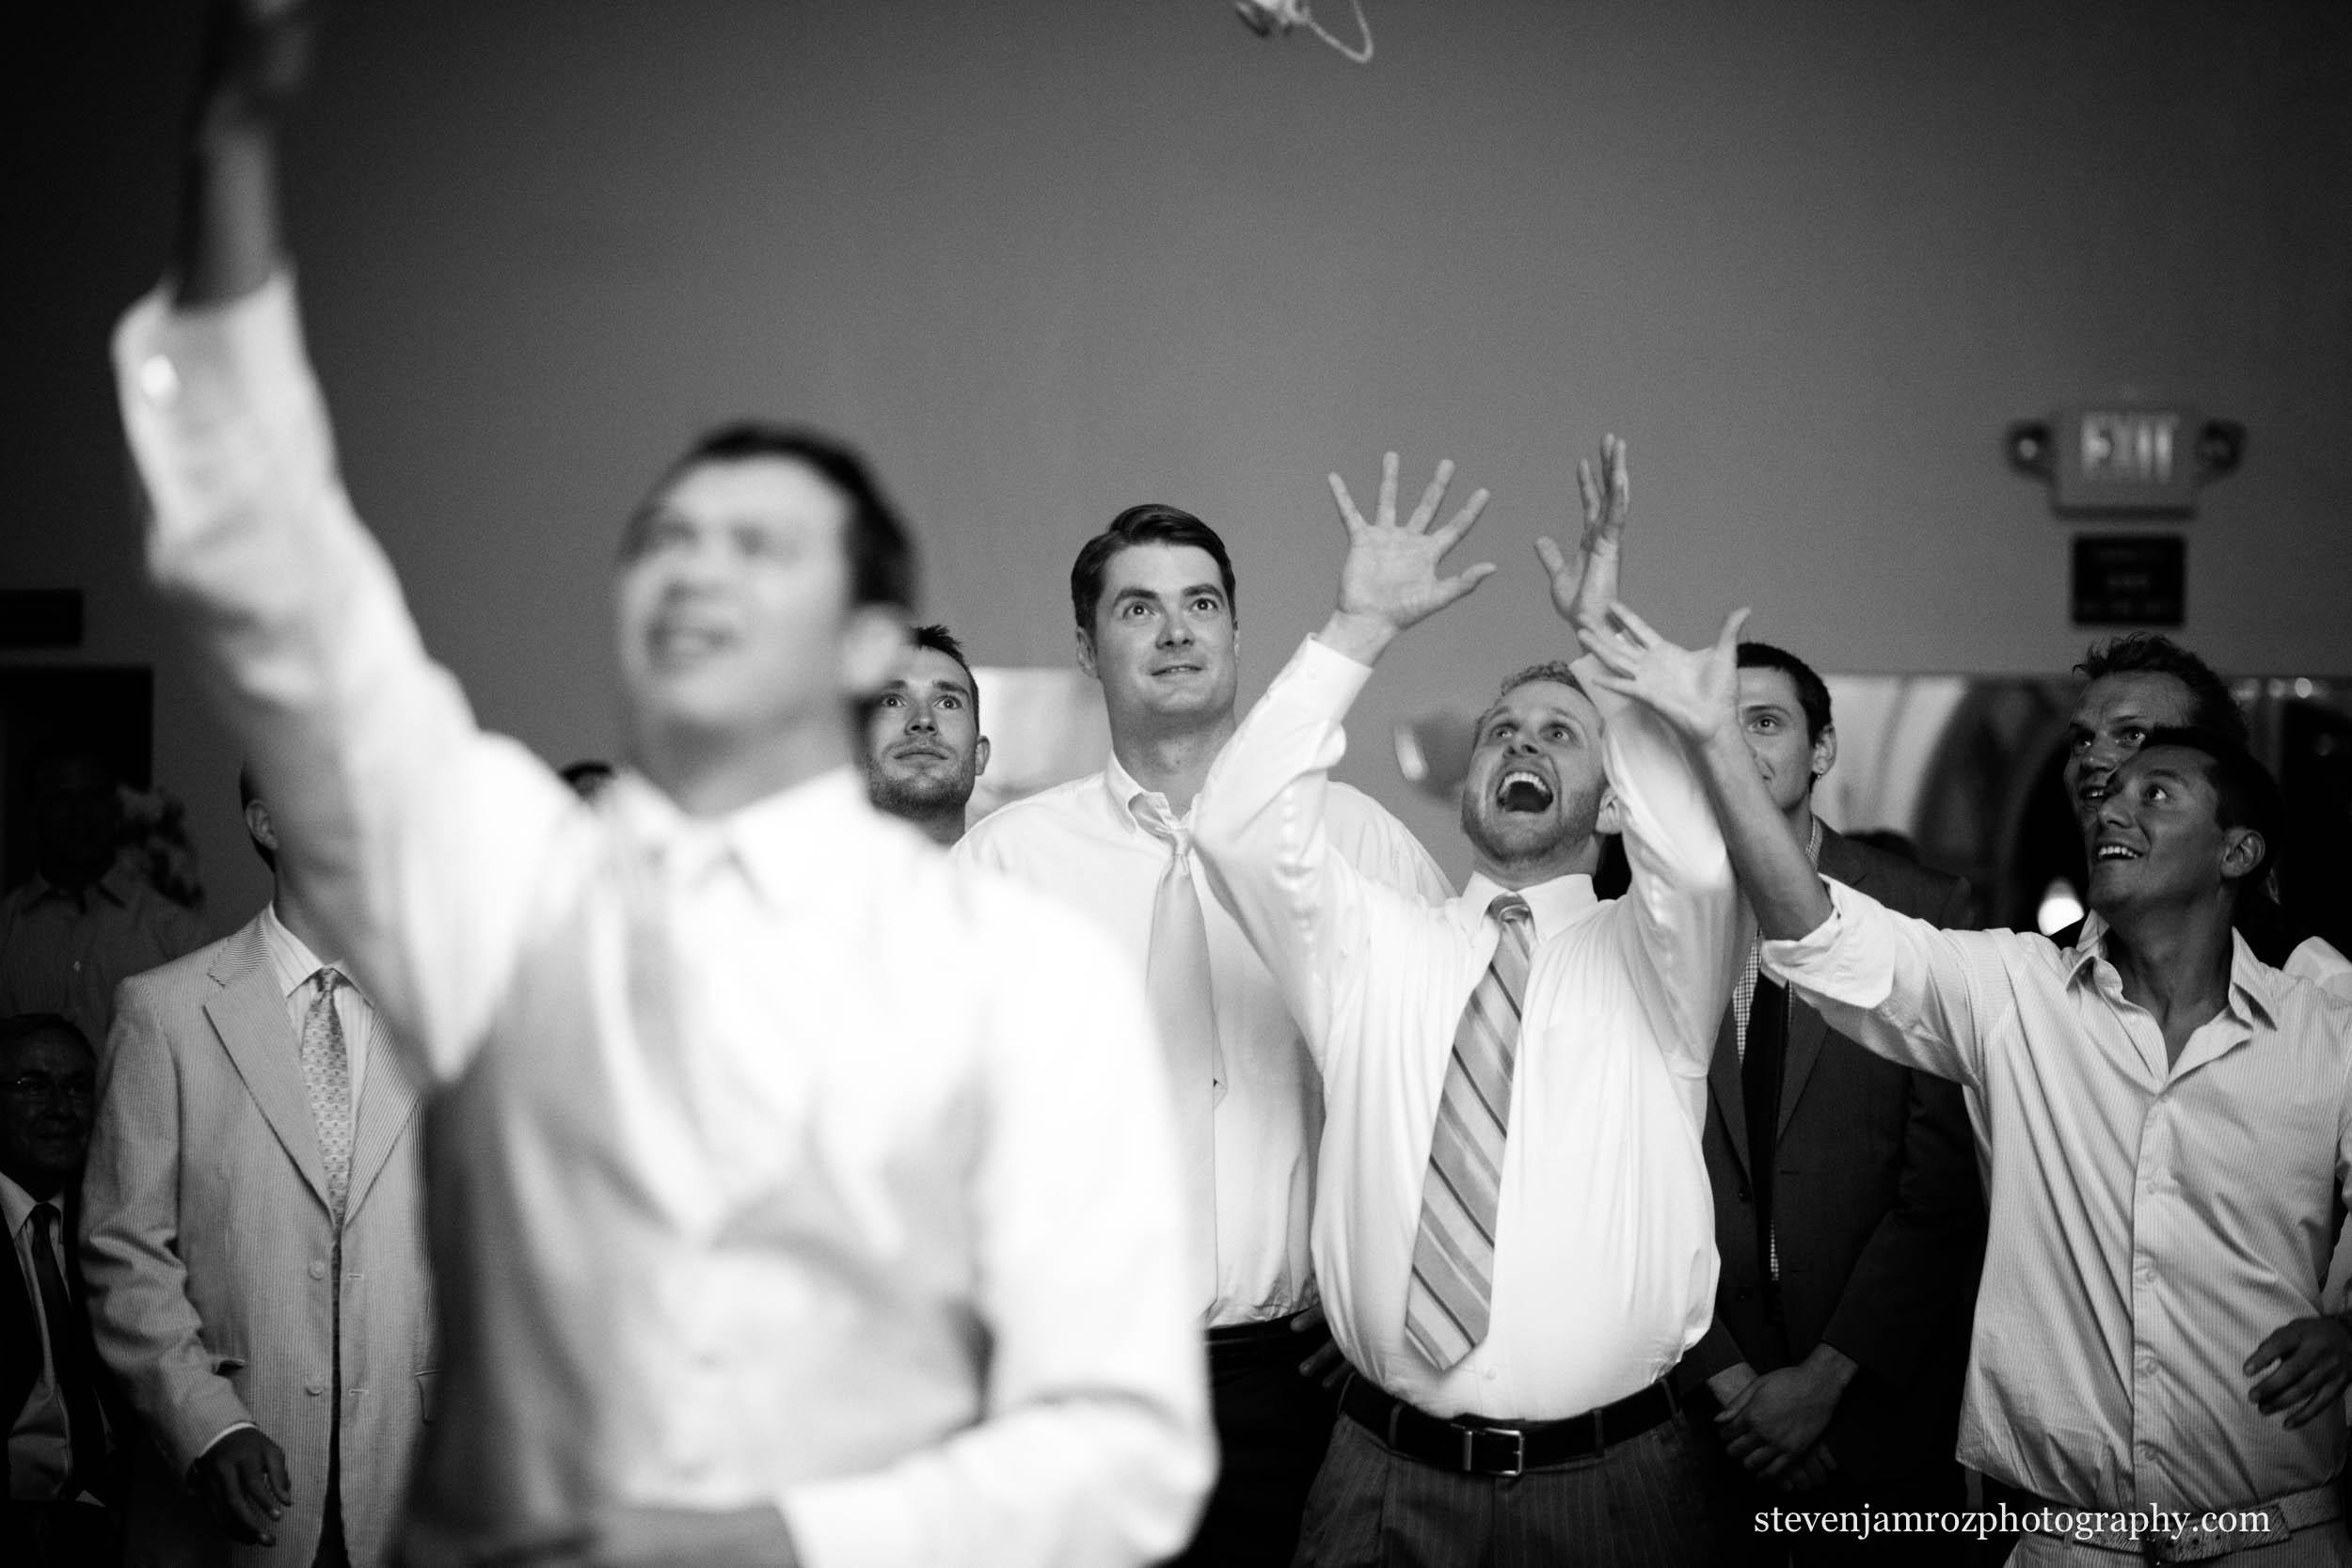 garter-toss-catch-raleigh-wedding-steven-jamroz-photography-0597.jpg